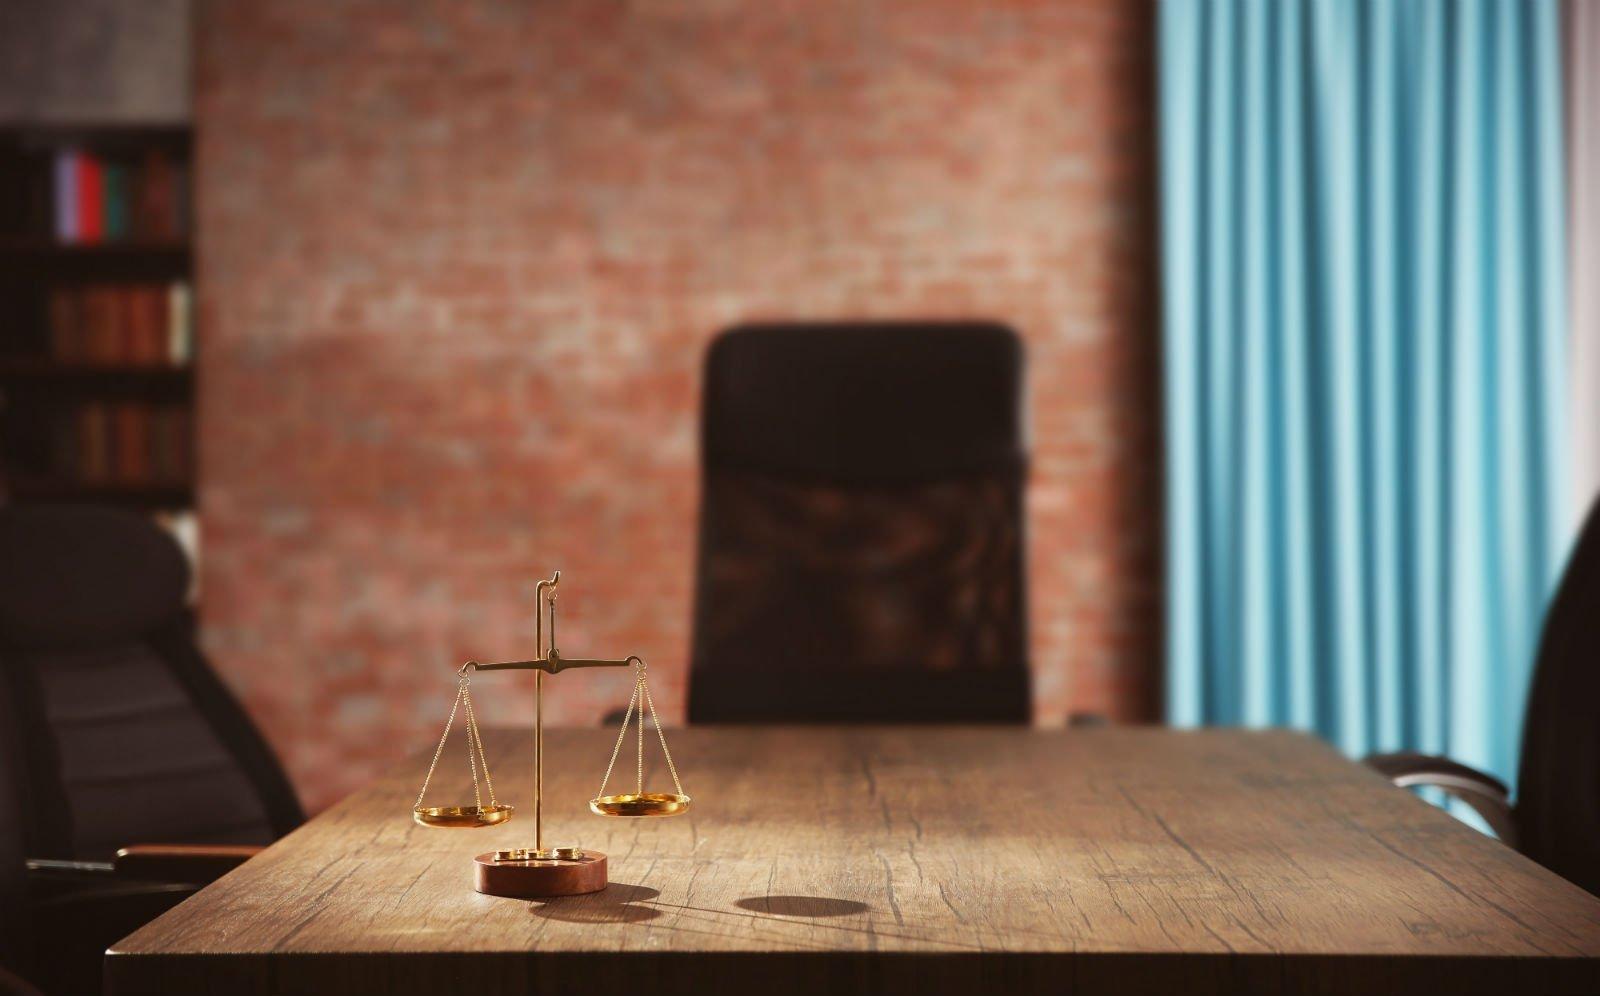 Tavola di legno con la bilancia della giustizia